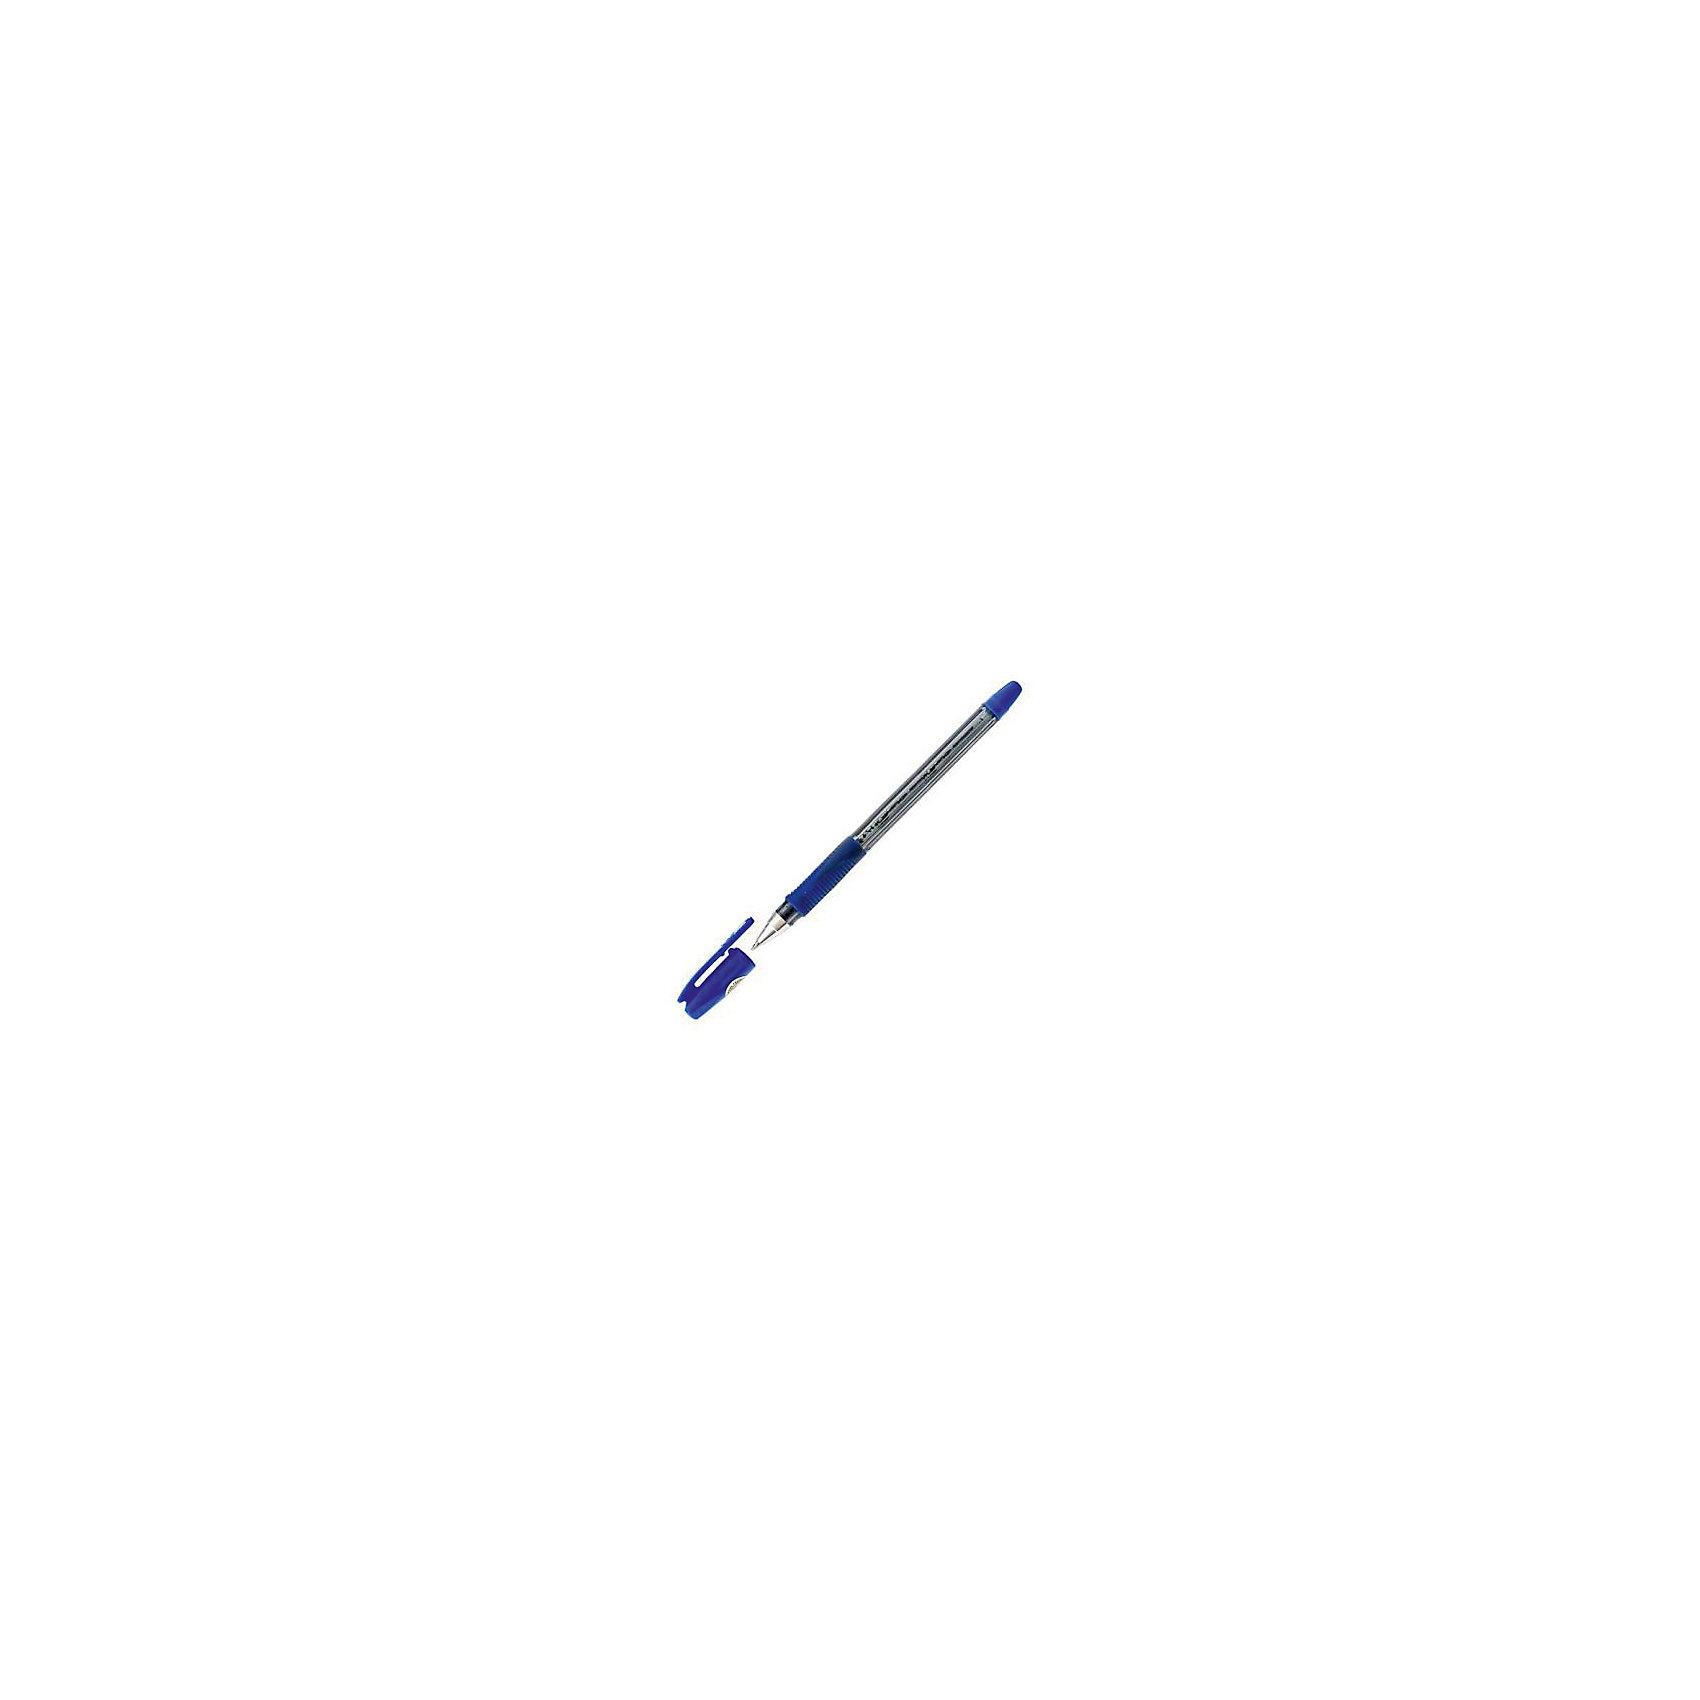 Ручка шариковая Pilot Bps-gp-medium, синяяПисьменные принадлежности<br>Прозрачный пластиковый корпус с резиновым упором для пальцев. Металлический наконечник. Чернила на масляной основе. Цвет колпачка и резиновой накладки соответствует цвету чернил. Диаметр шарика - 1,0 мм, Толщина линии - 0,4 мм. Цвет чернил - синий<br><br>Ширина мм: 50<br>Глубина мм: 10<br>Высота мм: 190<br>Вес г: 20<br>Возраст от месяцев: 36<br>Возраст до месяцев: 2147483647<br>Пол: Унисекс<br>Возраст: Детский<br>SKU: 6943783